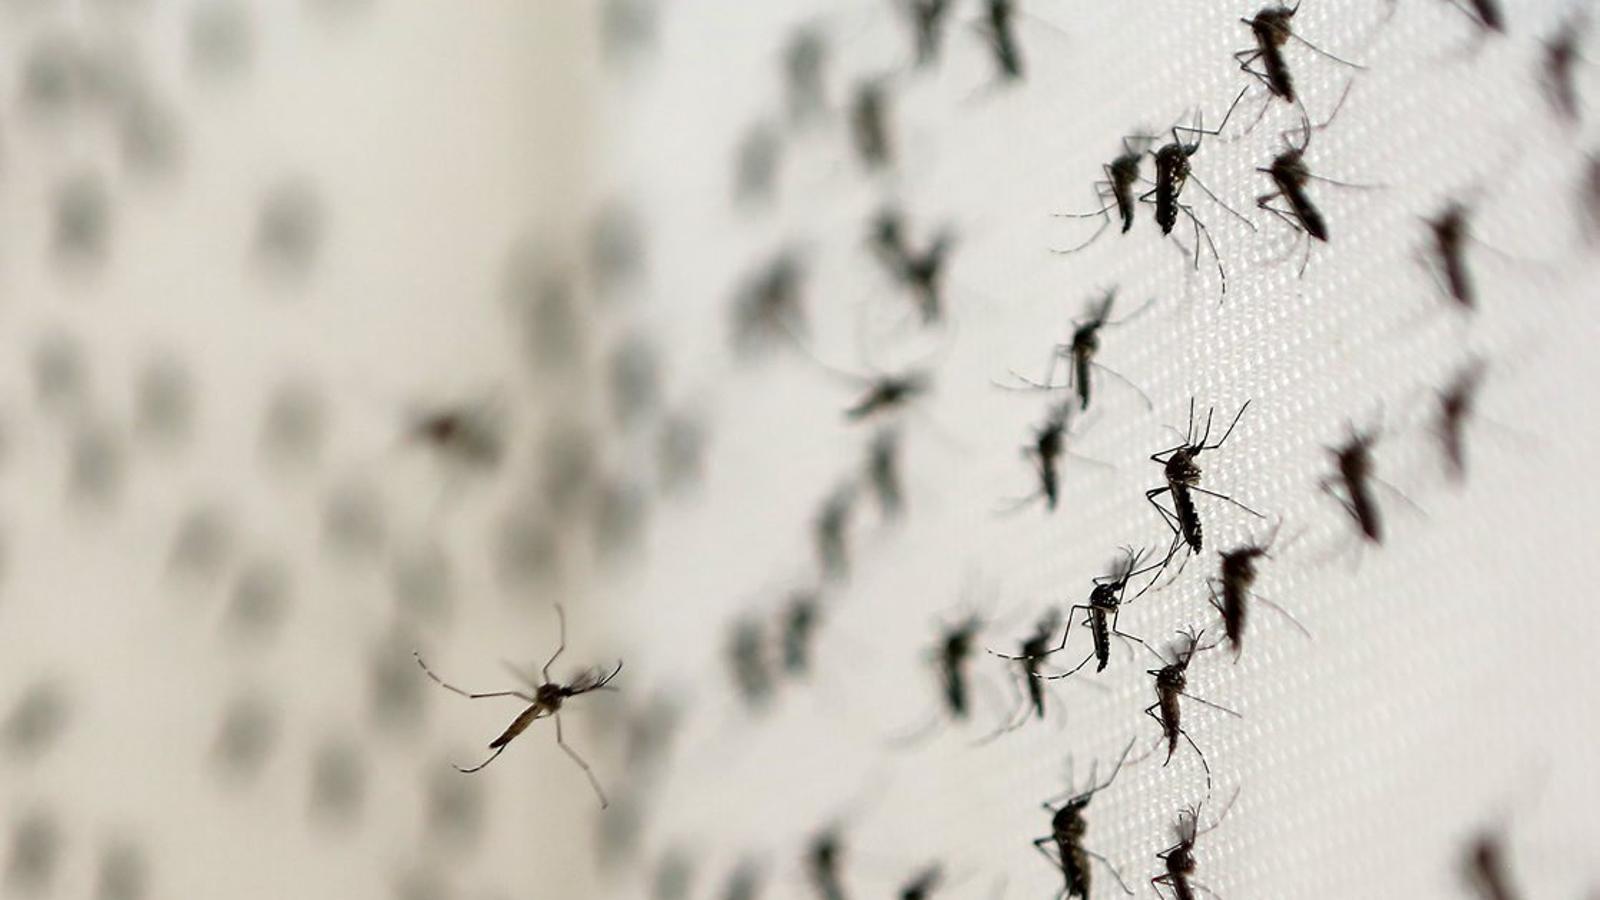 Quina por ens ha de fer el Zika?